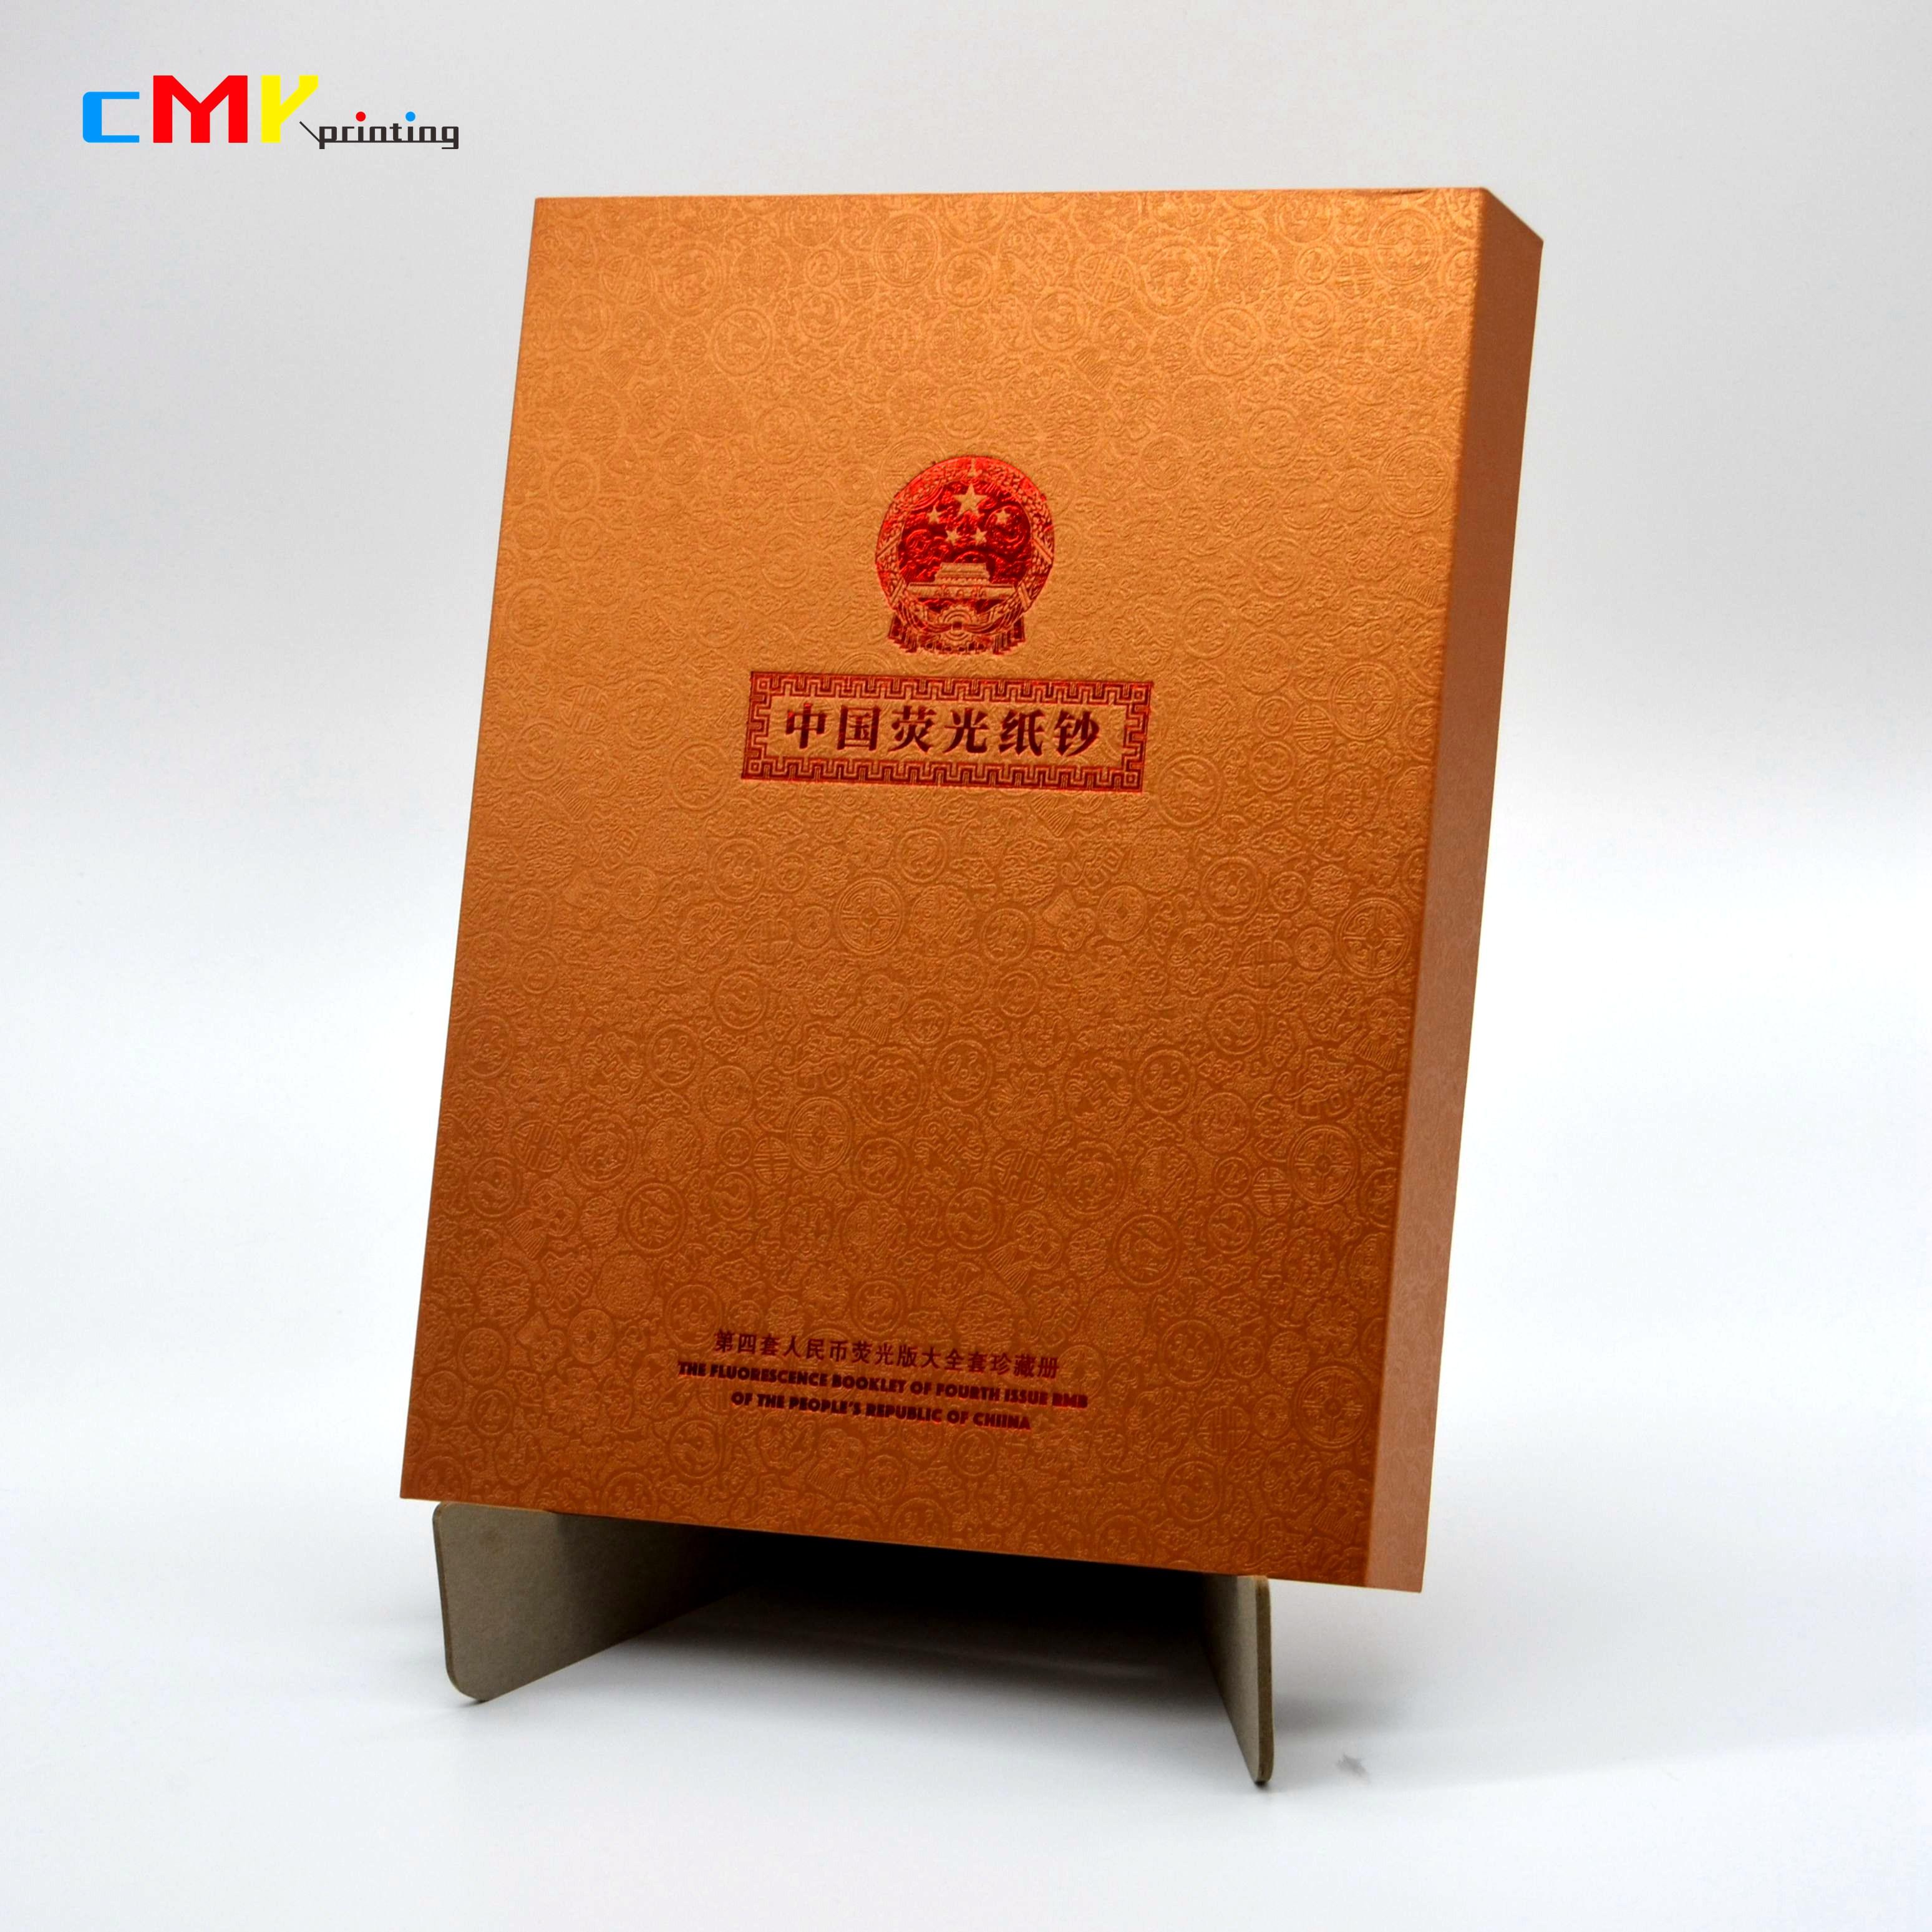 中国第四套纸钞荧光版大全套珍藏册